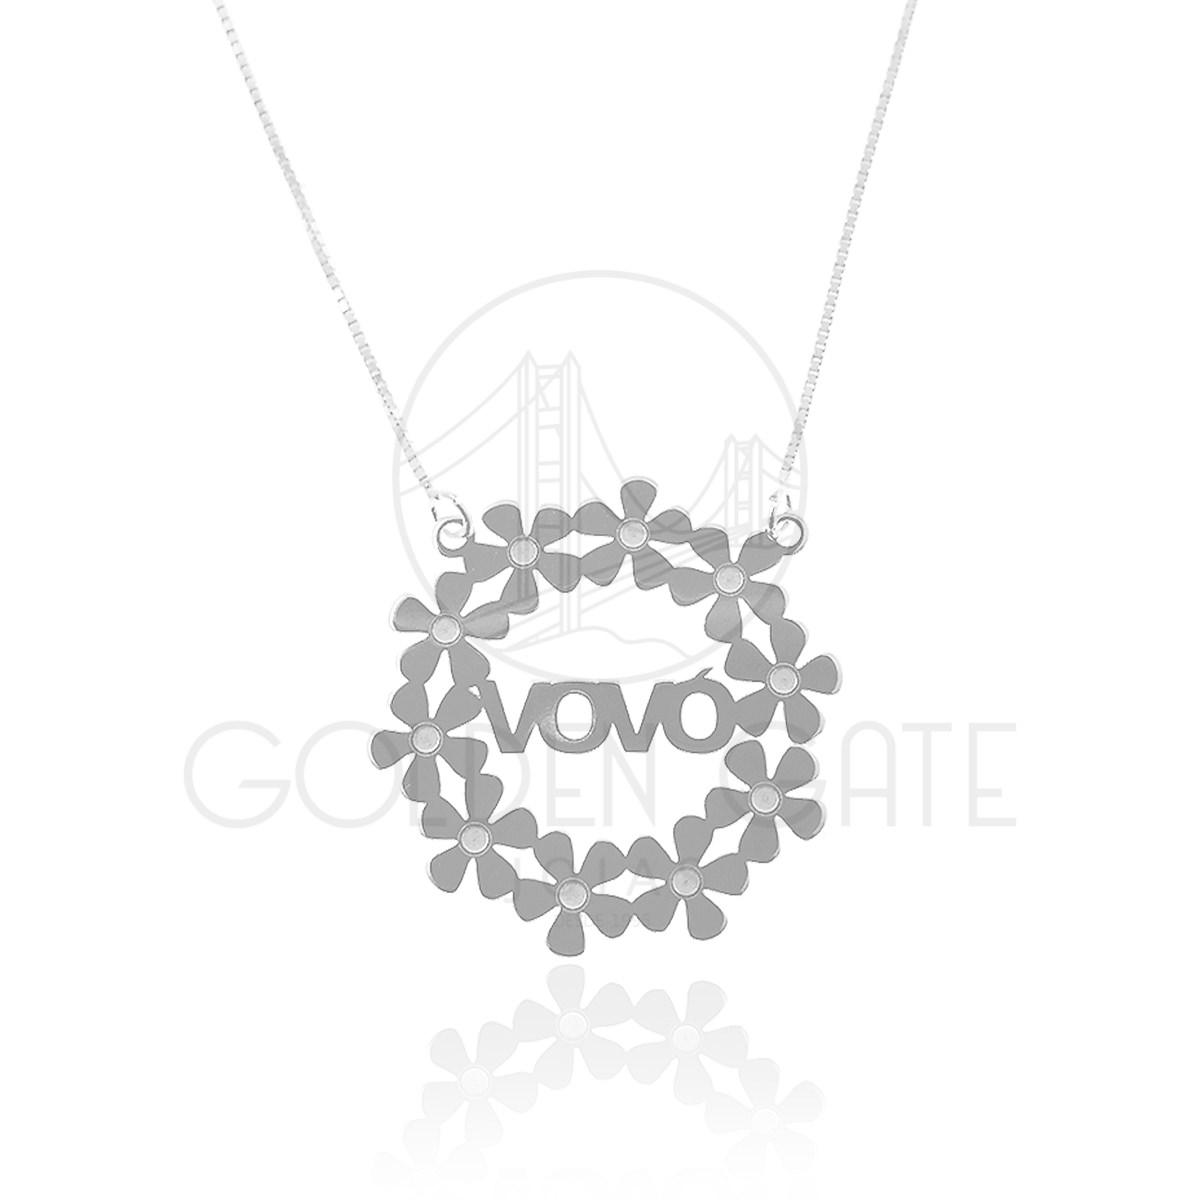 Colar Mandala de Flores com Nome em Prata 925   Golden Gate Joias 929eed668b